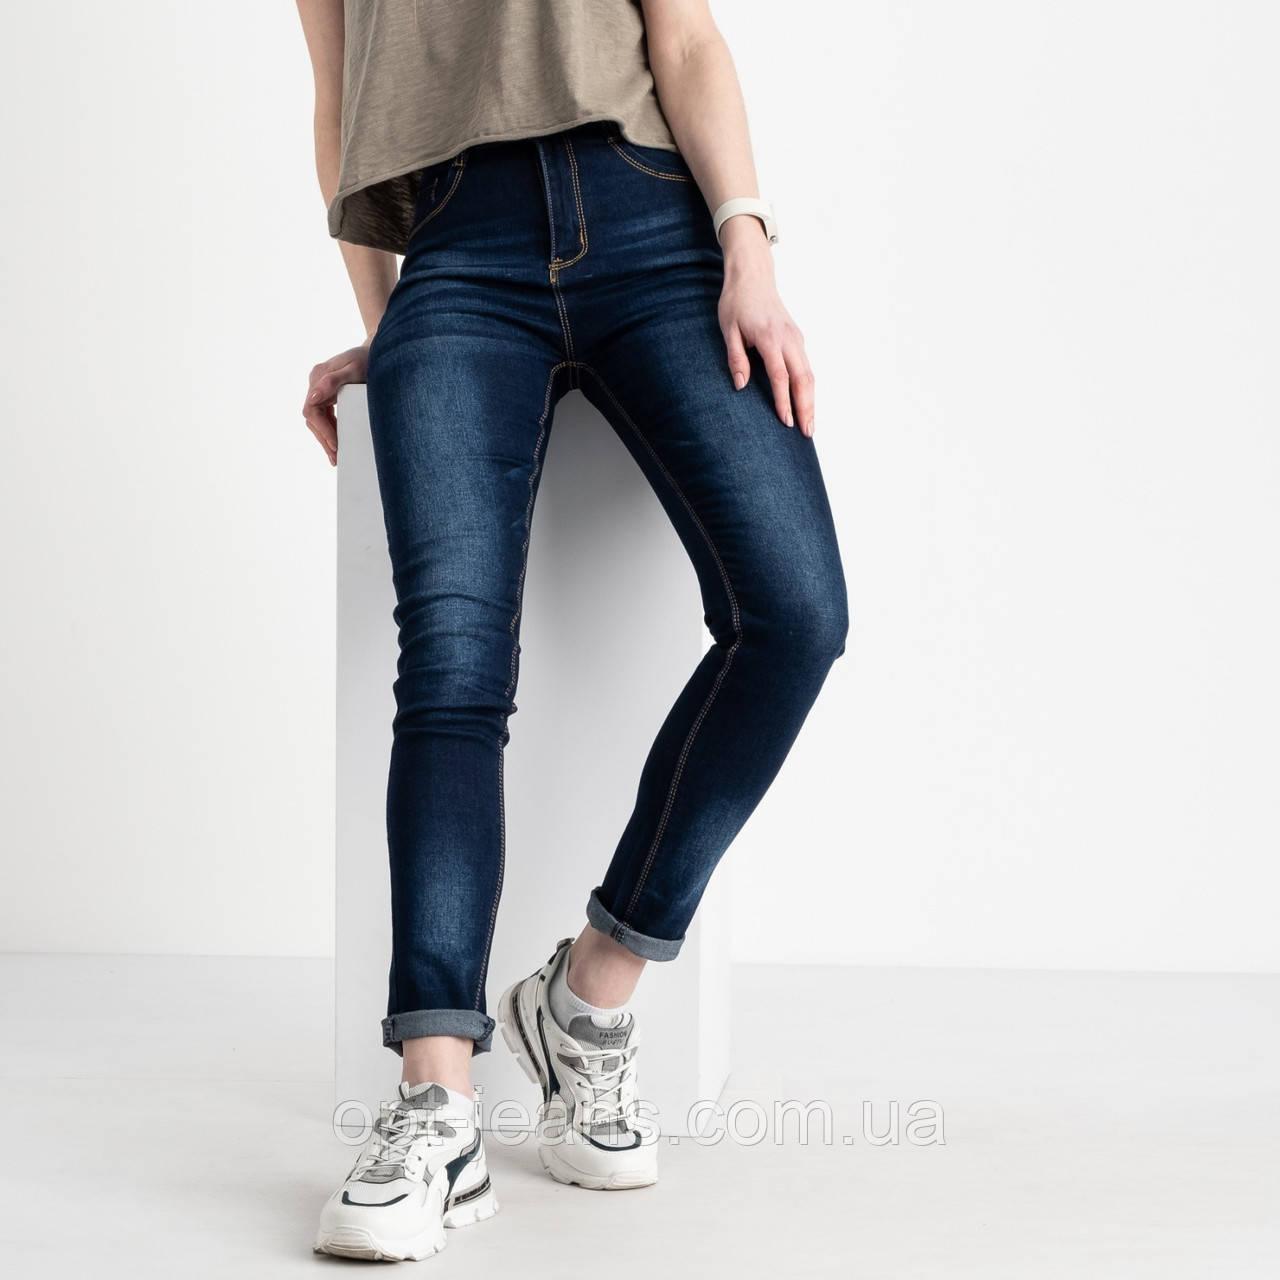 8002 Fashion джинси жіночі сині стрейчеві (6 од. розміри: 25.26.27.28.29.30)